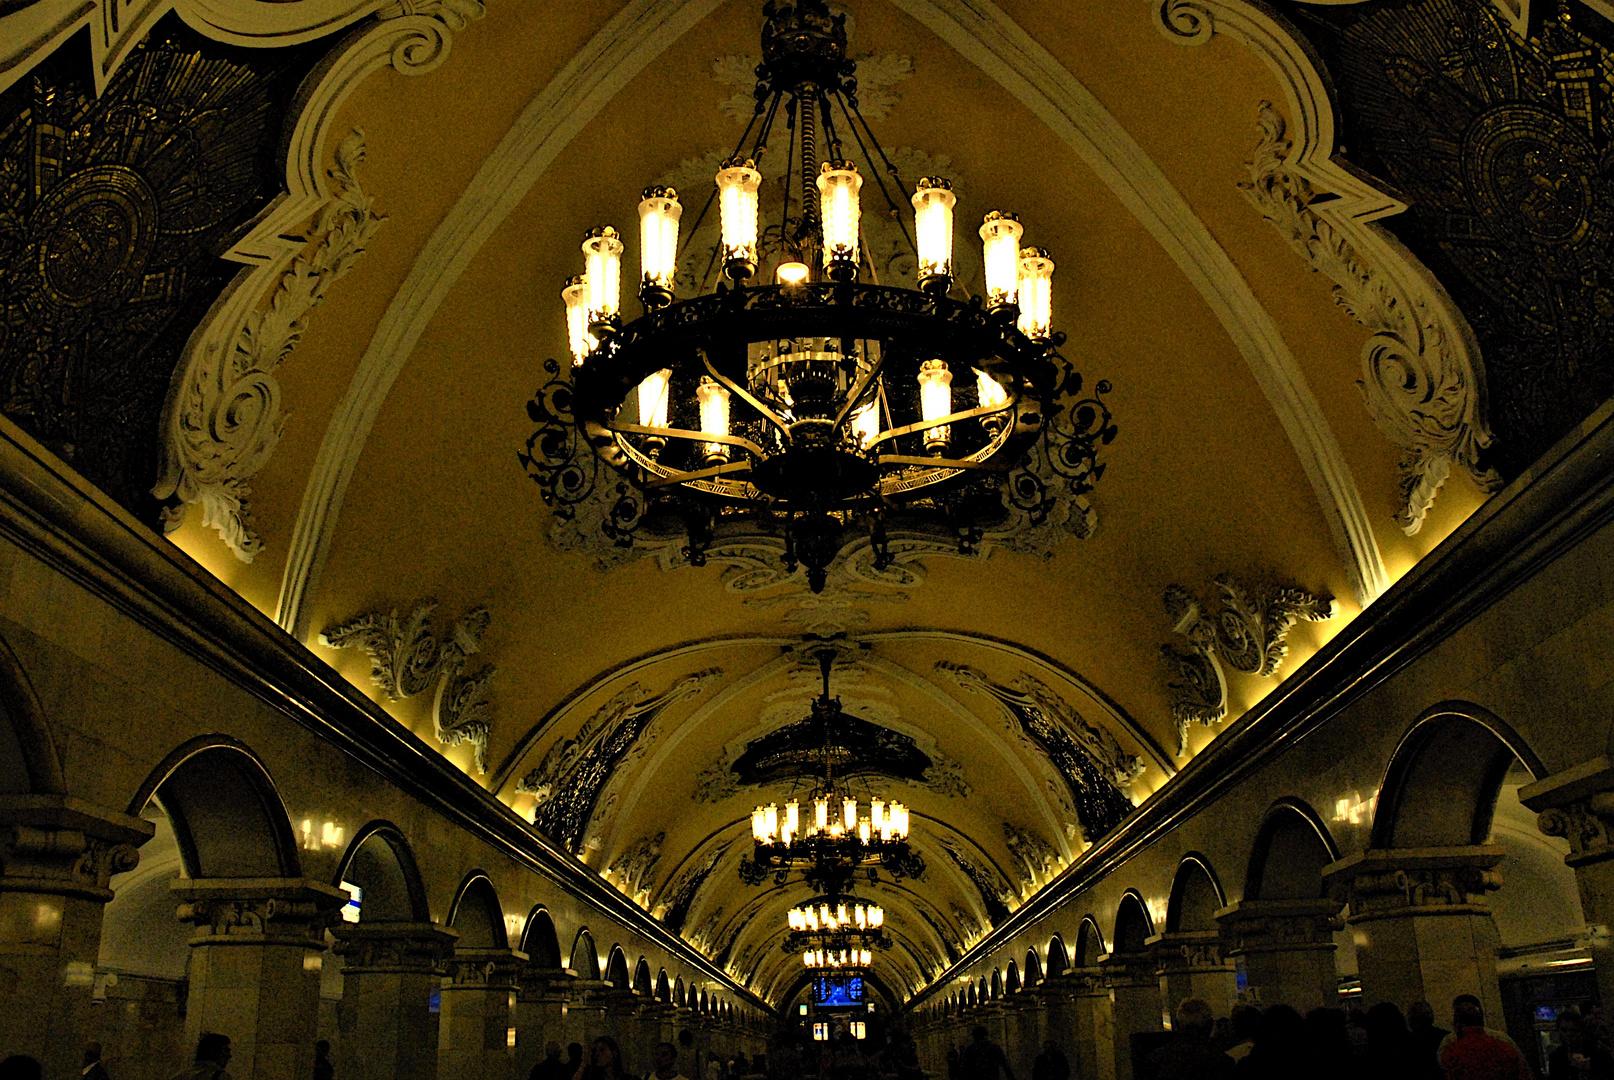 U Bahn Moskau